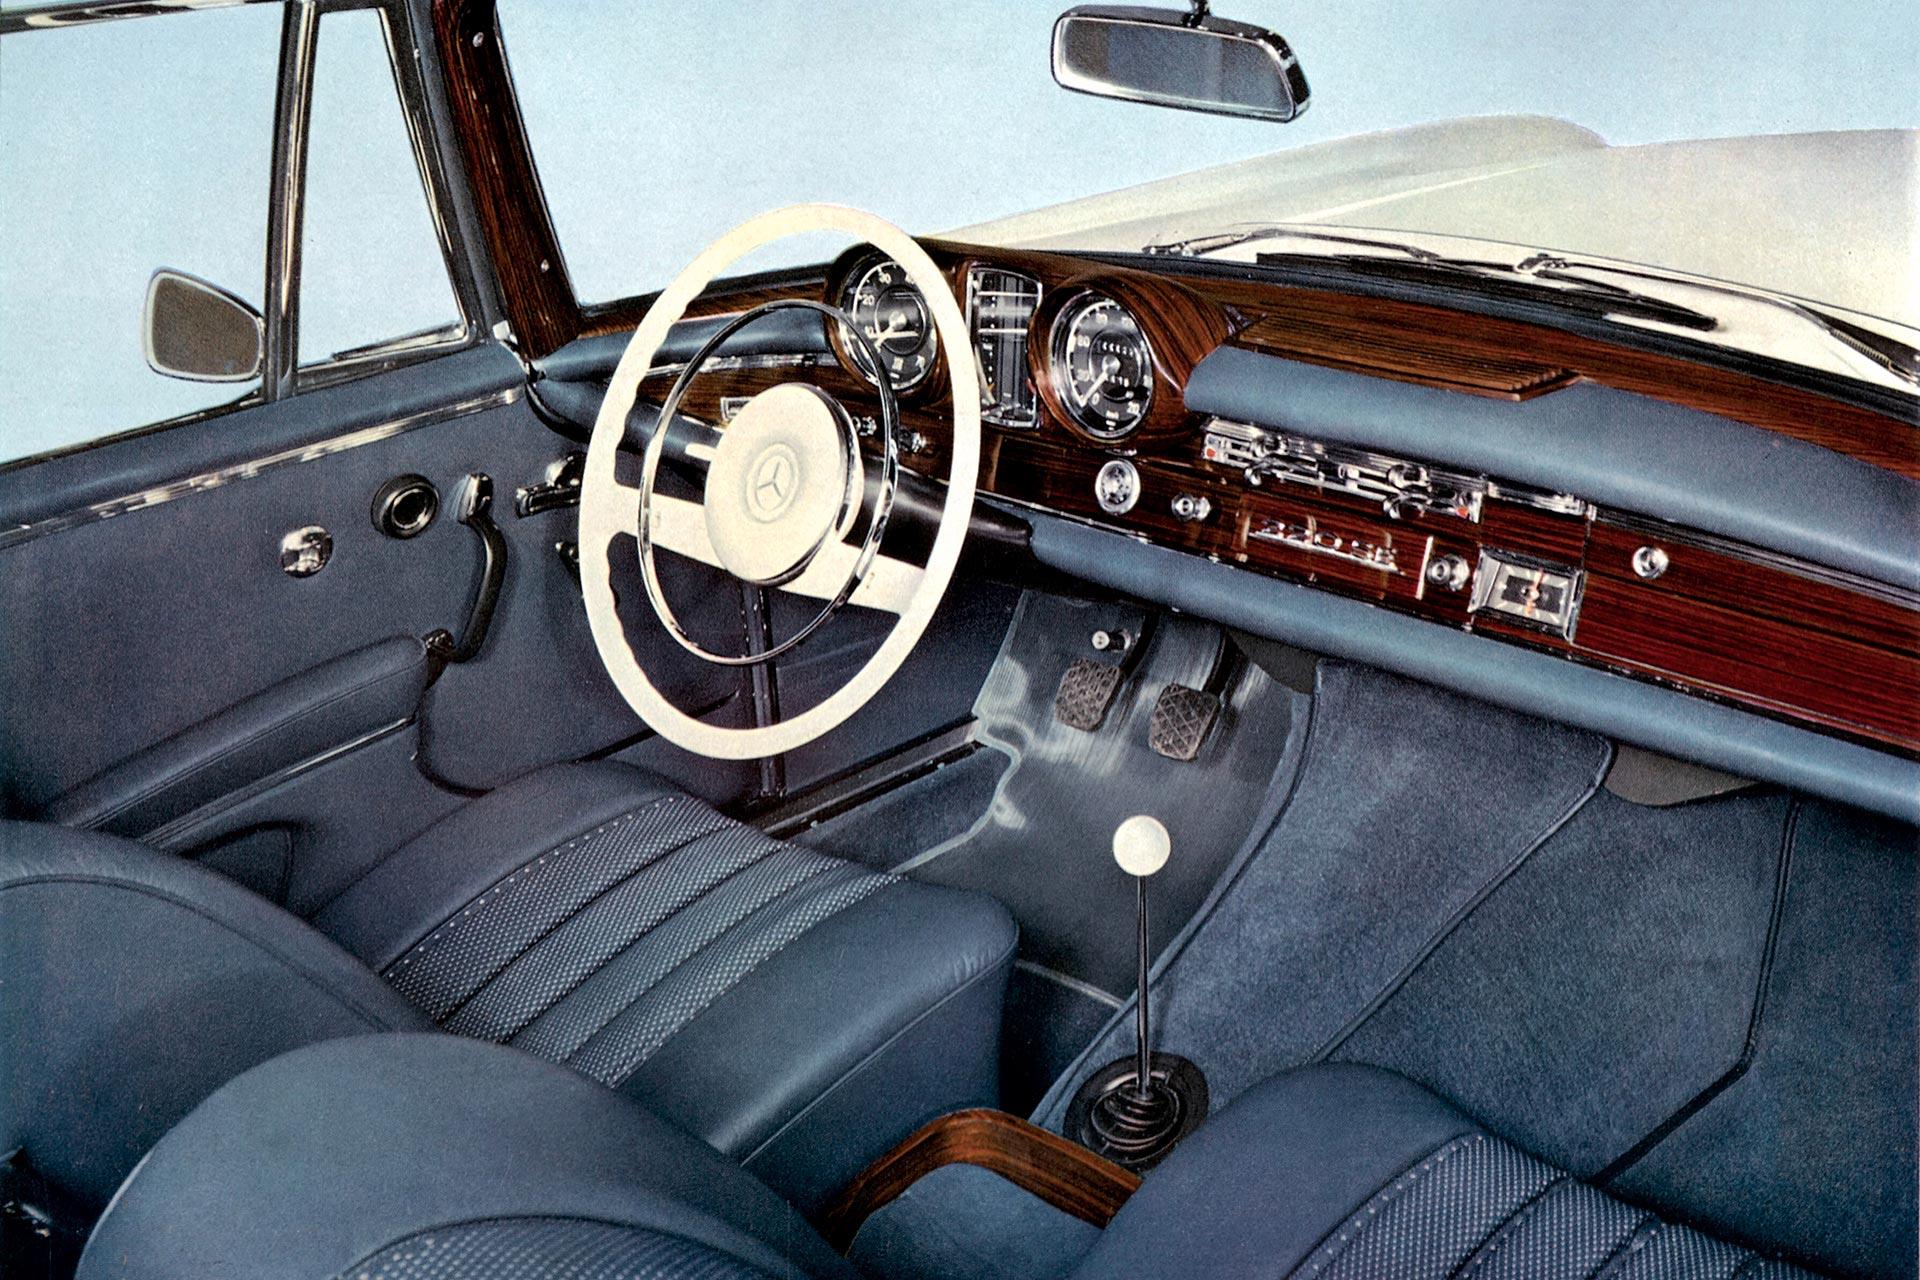 Mercedes-Benz 220 SE Coupé und Cabriolet (Baureihe W 111), Interieur. Mit verschiedenen Motorisierungen wird das Cabriolet der Baureihen W 111/W 112 von 1961 bis 1971 gebaut.